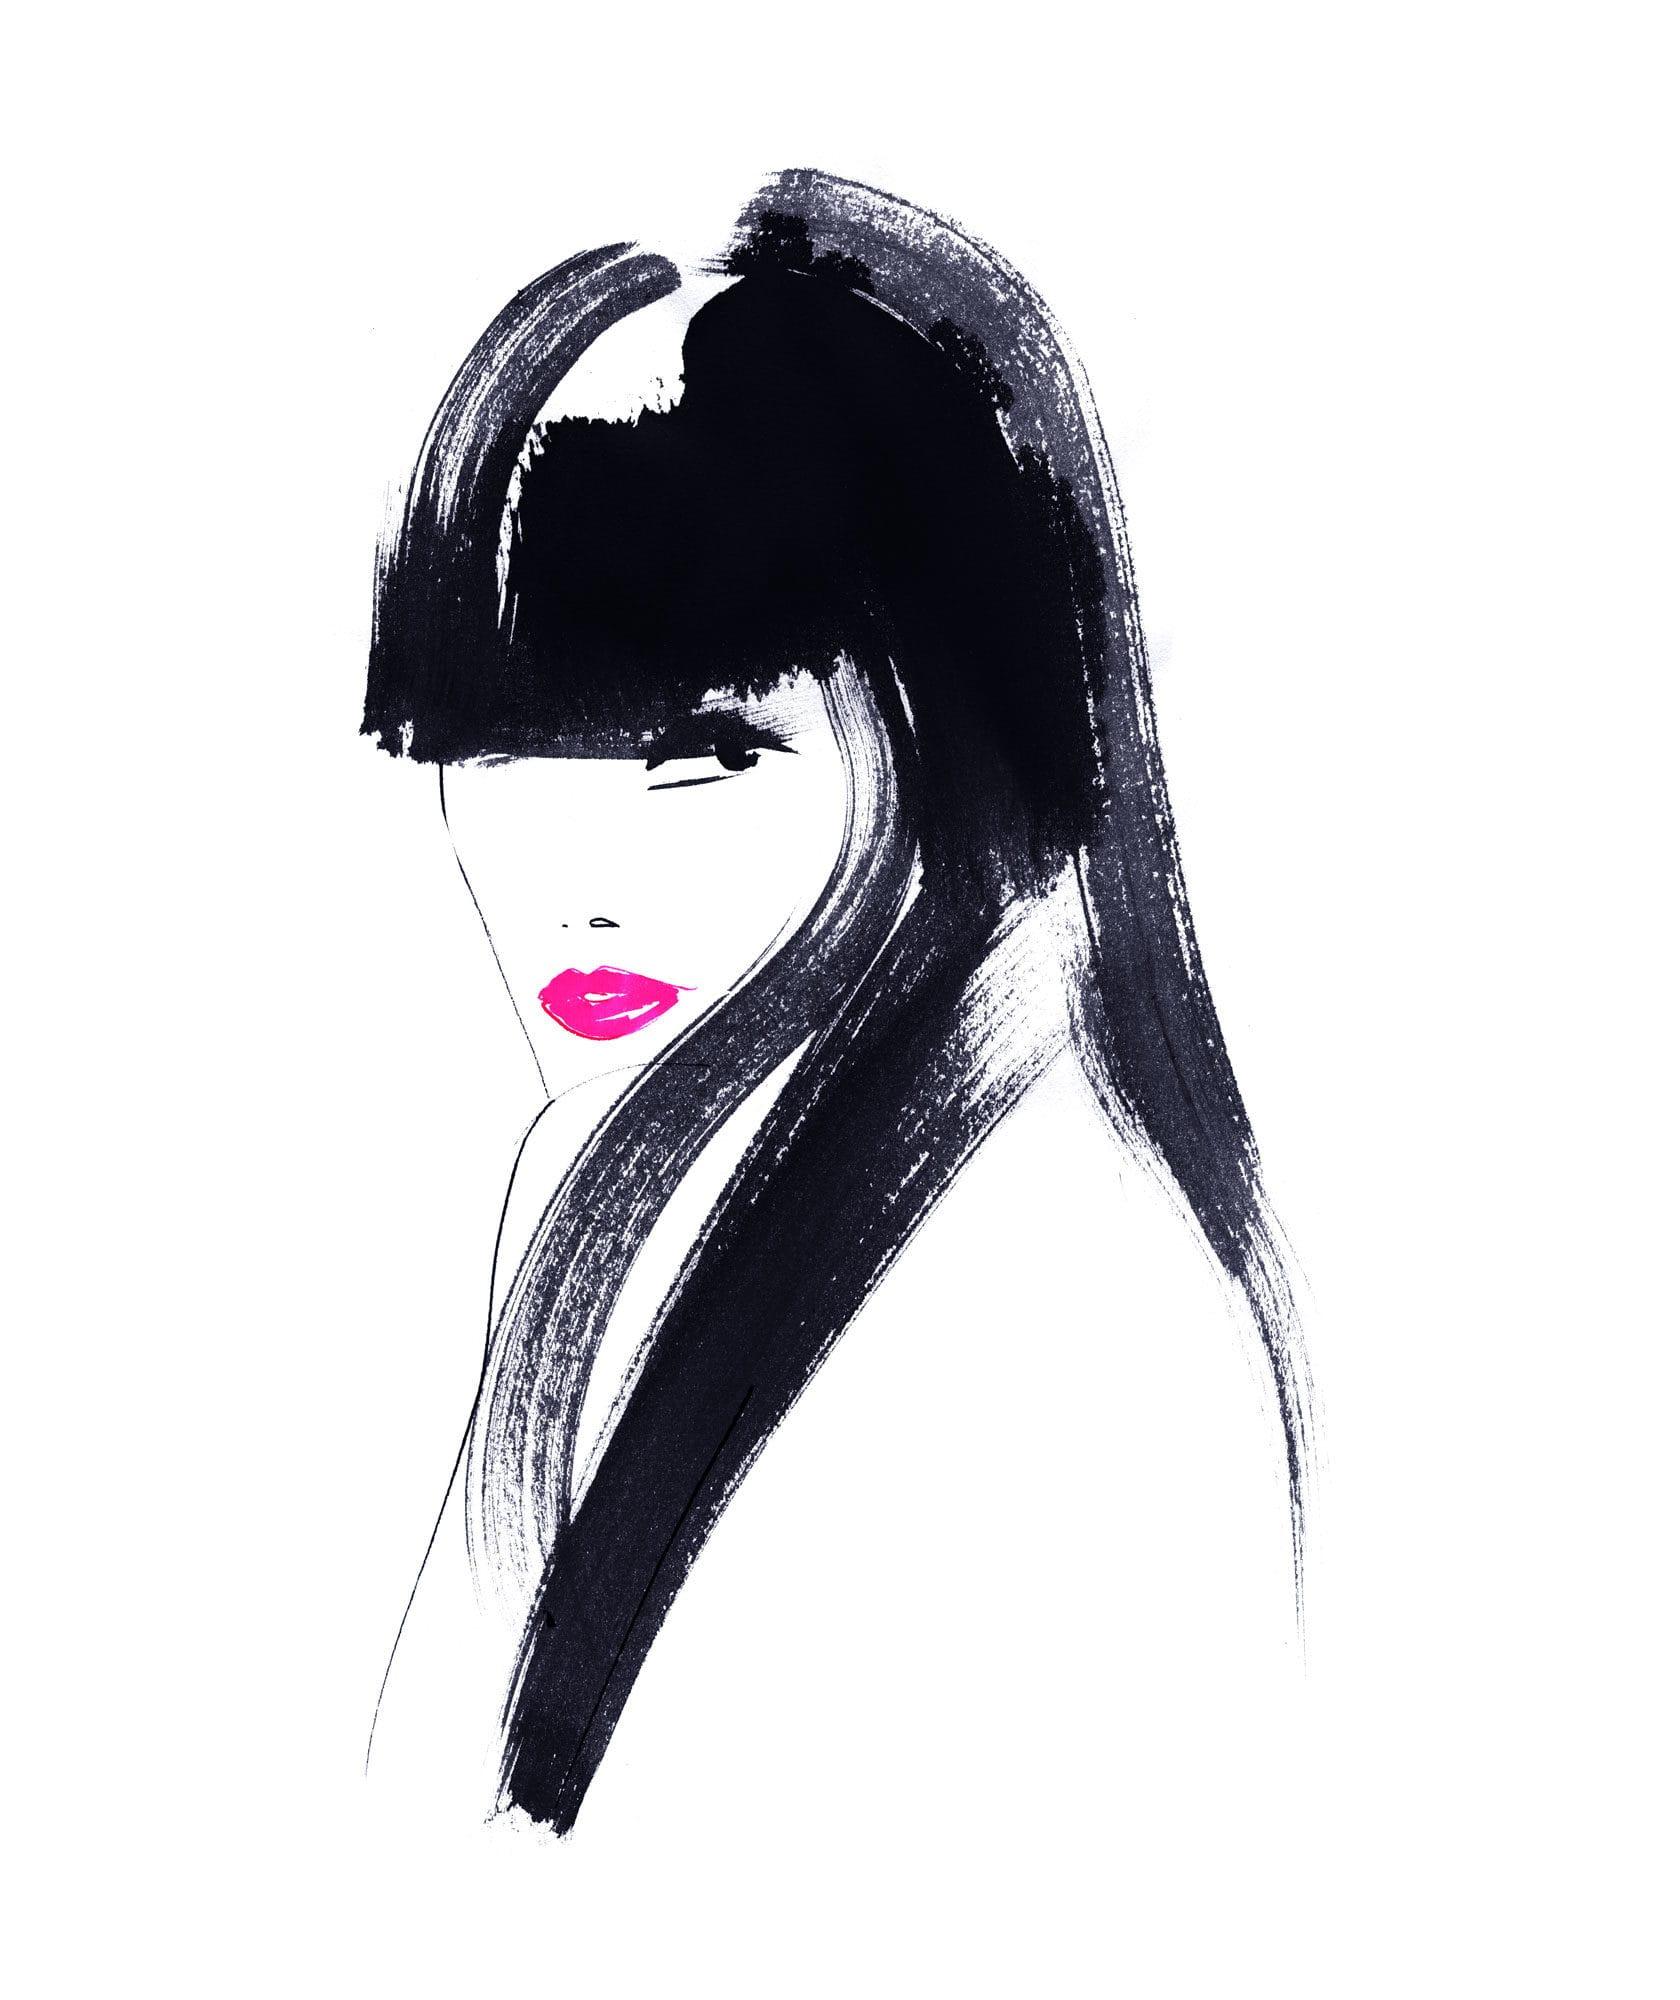 Lovisa Burfitt illustration Lipsticks-bang